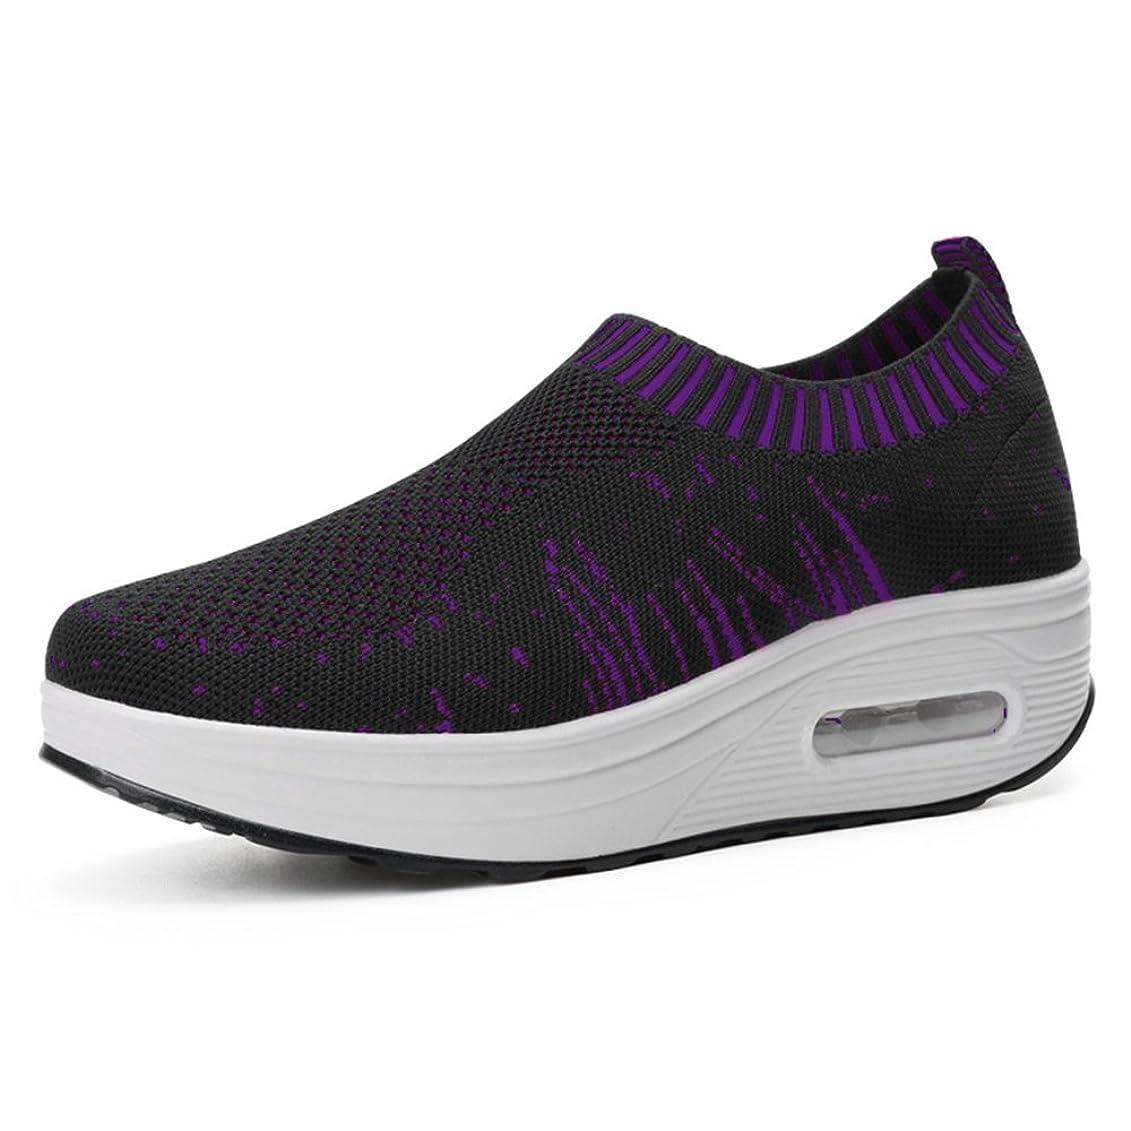 疲労ふける寝室を掃除する[EIMEI] レディース ウォーキングシューズ 矯正靴 ランニング ダイエット 厚底5cm 歩行姿勢調整 安全 健康靴 スニーカー ニット